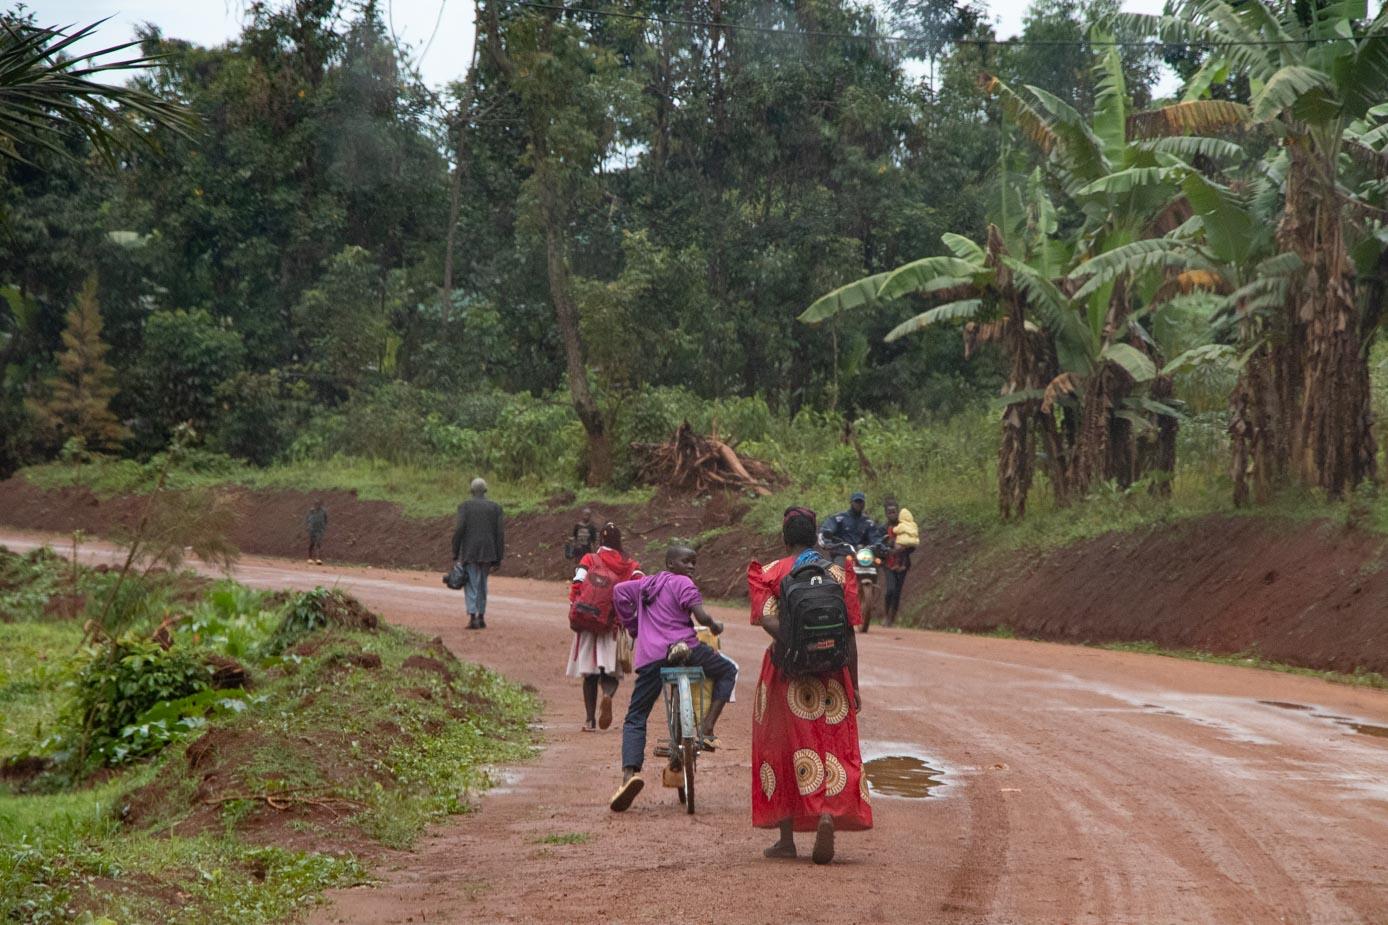 camino-a-entebbe-uganda-3